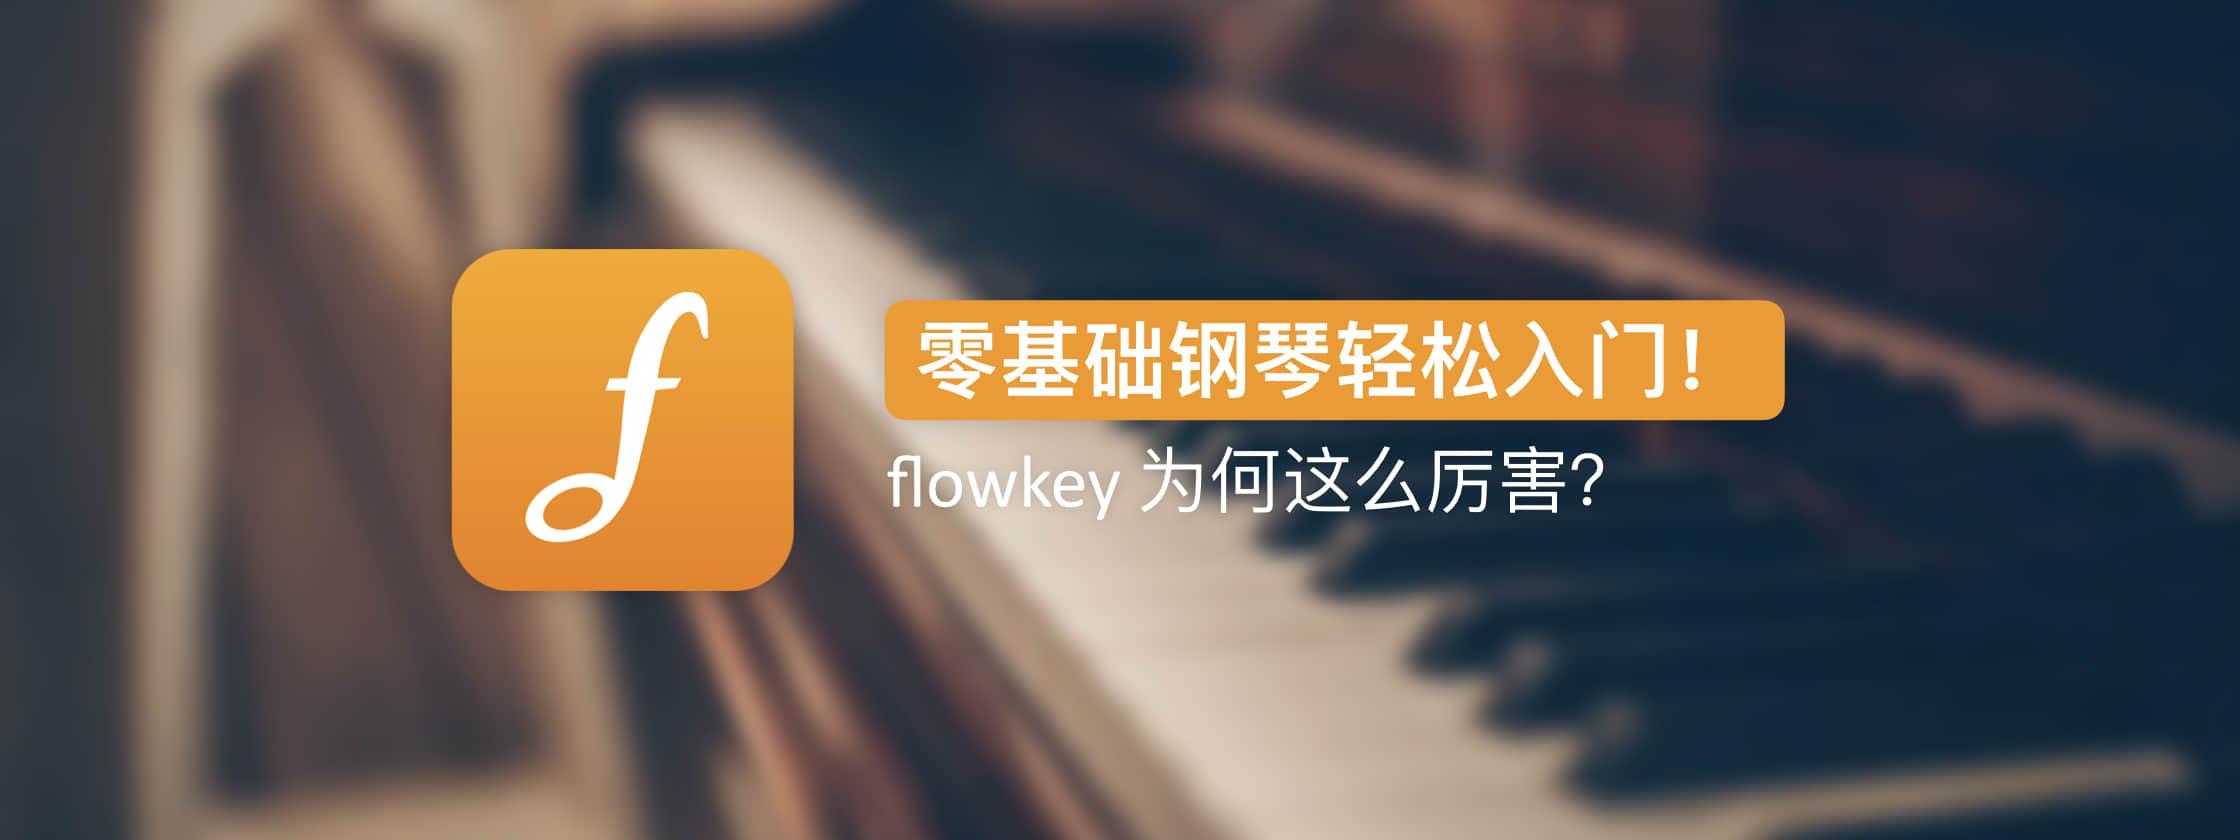 零基础钢琴轻松入门,flowkey 这款 App 为何这么厉害?